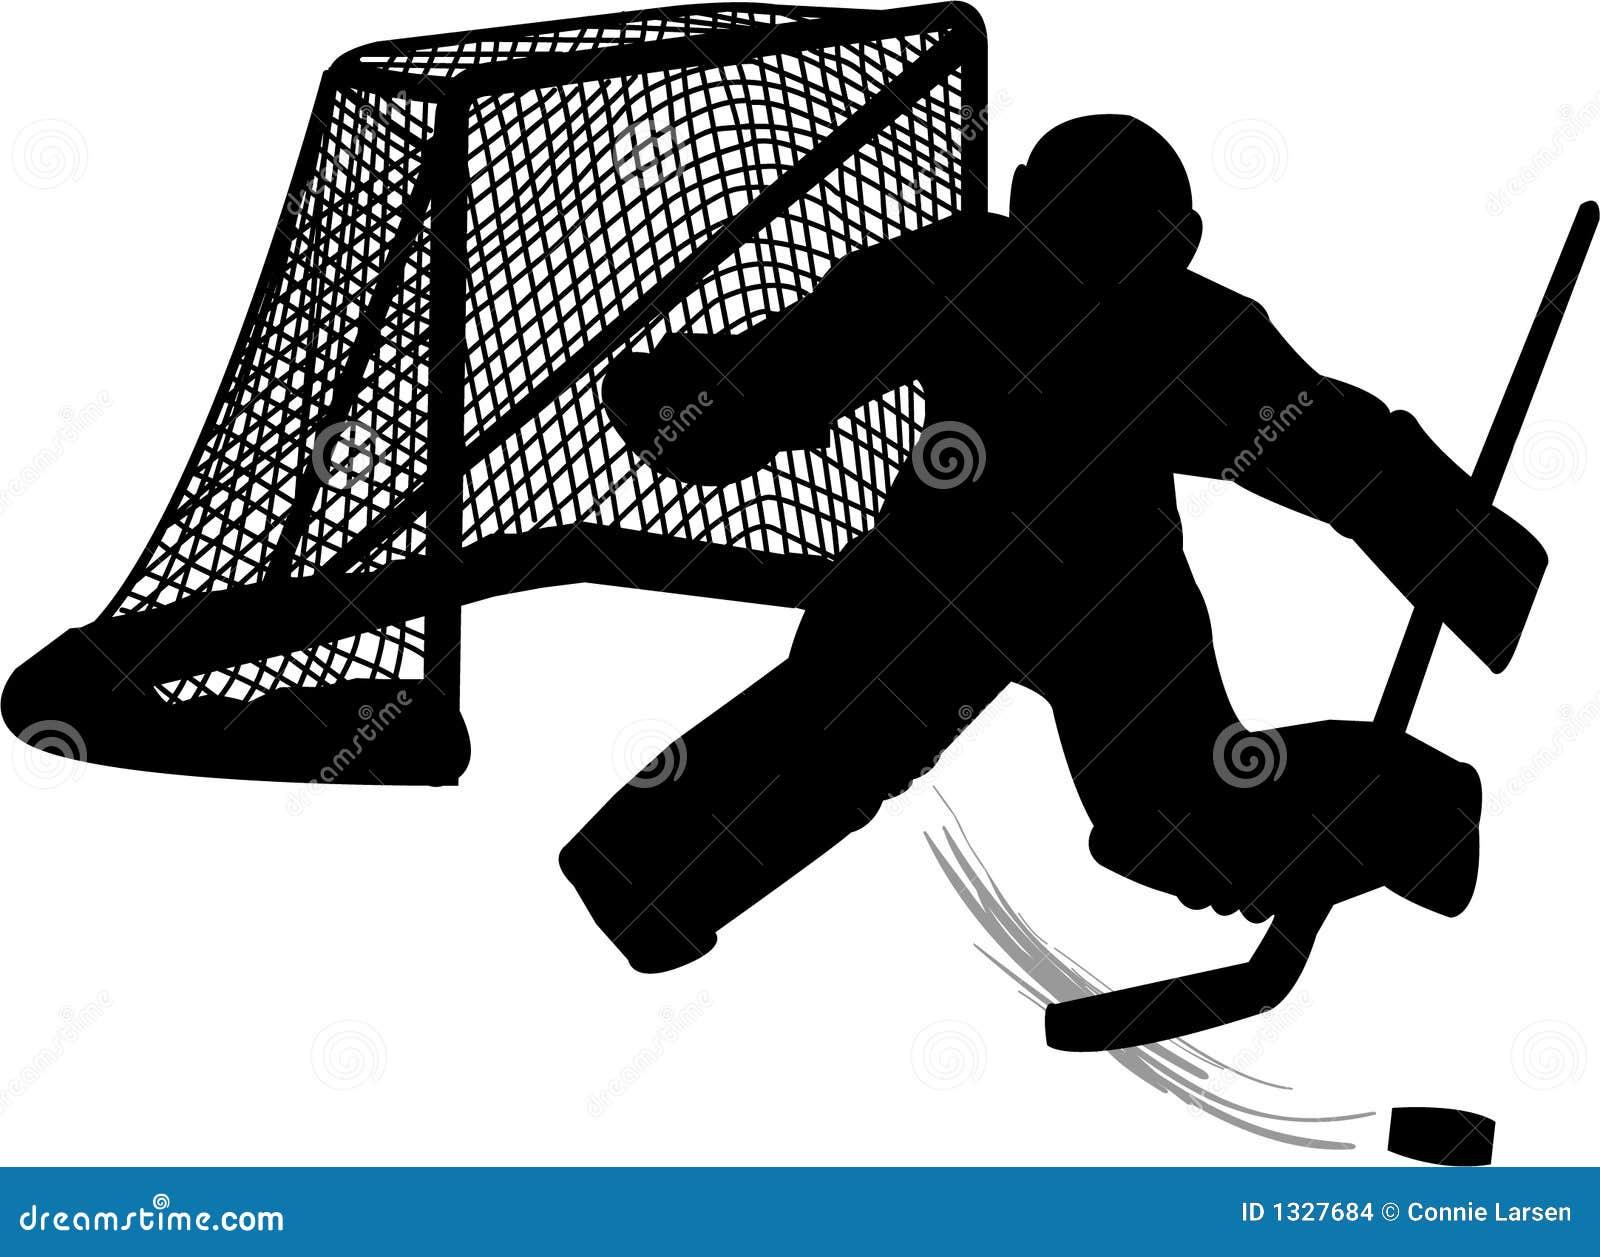 Goaliehockey